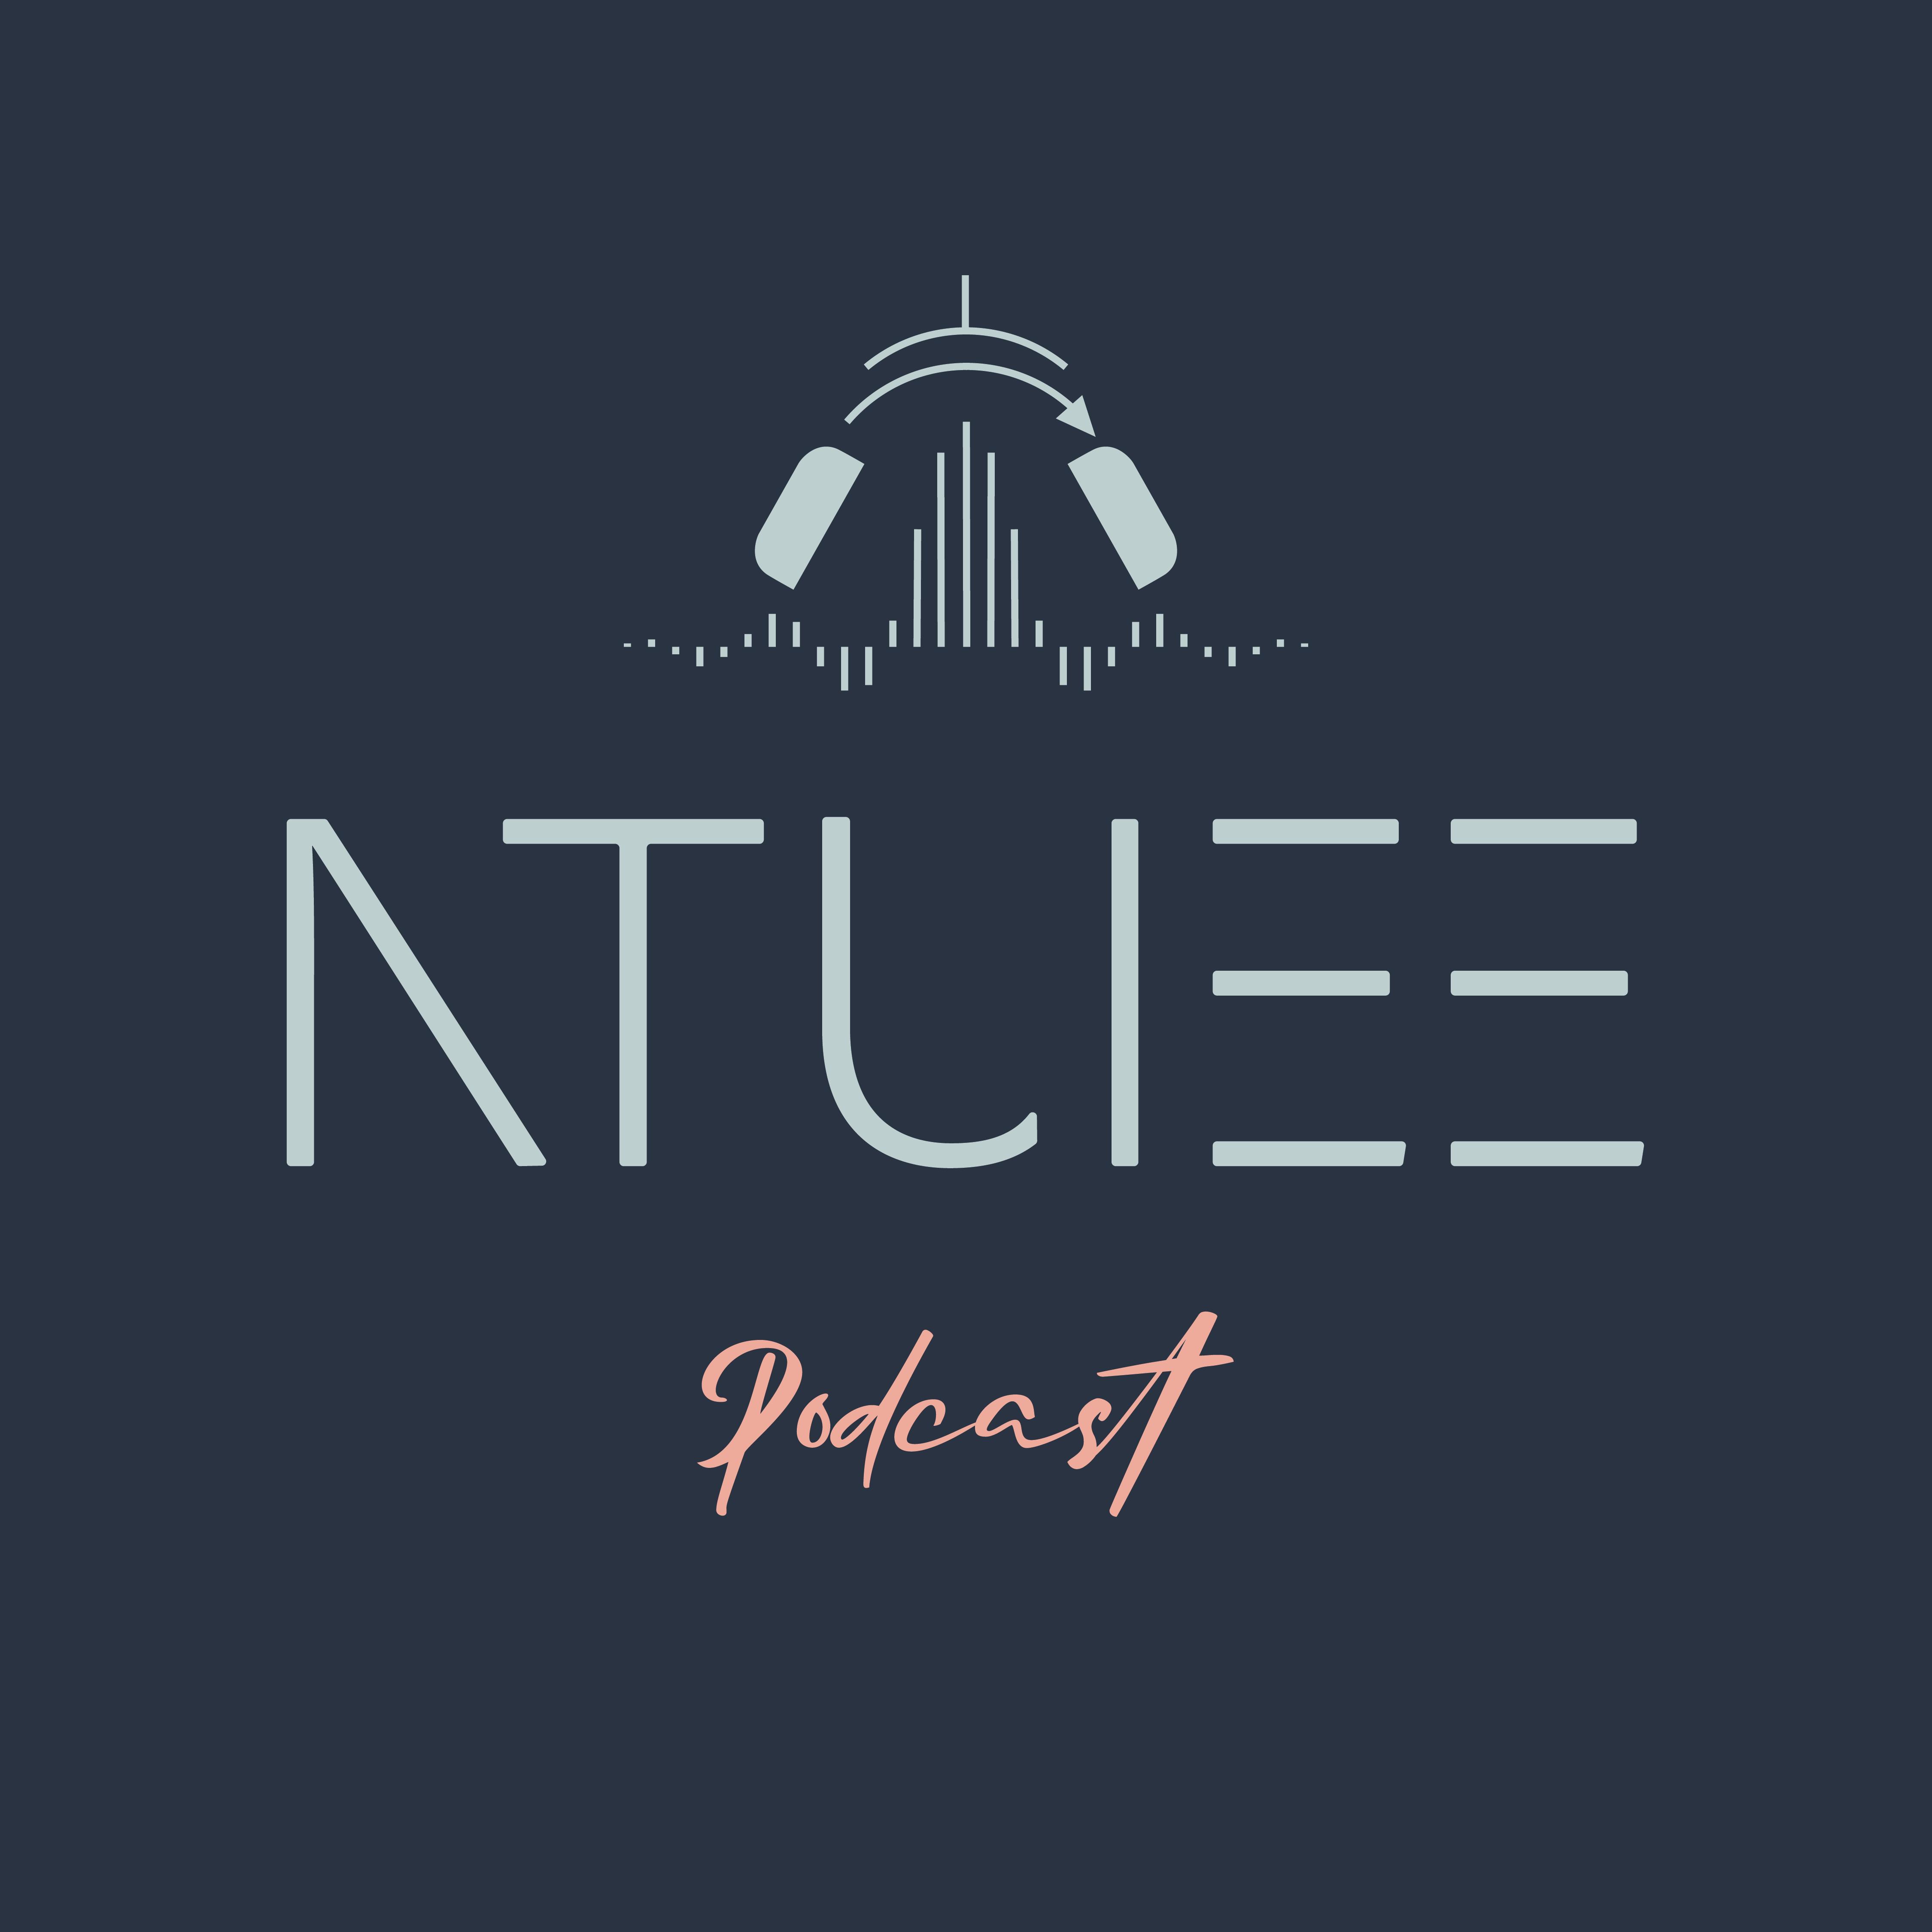 NTUEE Podcast 3-1 | 走跳於半導體大企業間的台灣之光 | 製程?設計?平行或交錯的兩個世界 | 先進製程之外的企業生存之道 | 解碼 Intel 未來發展方向